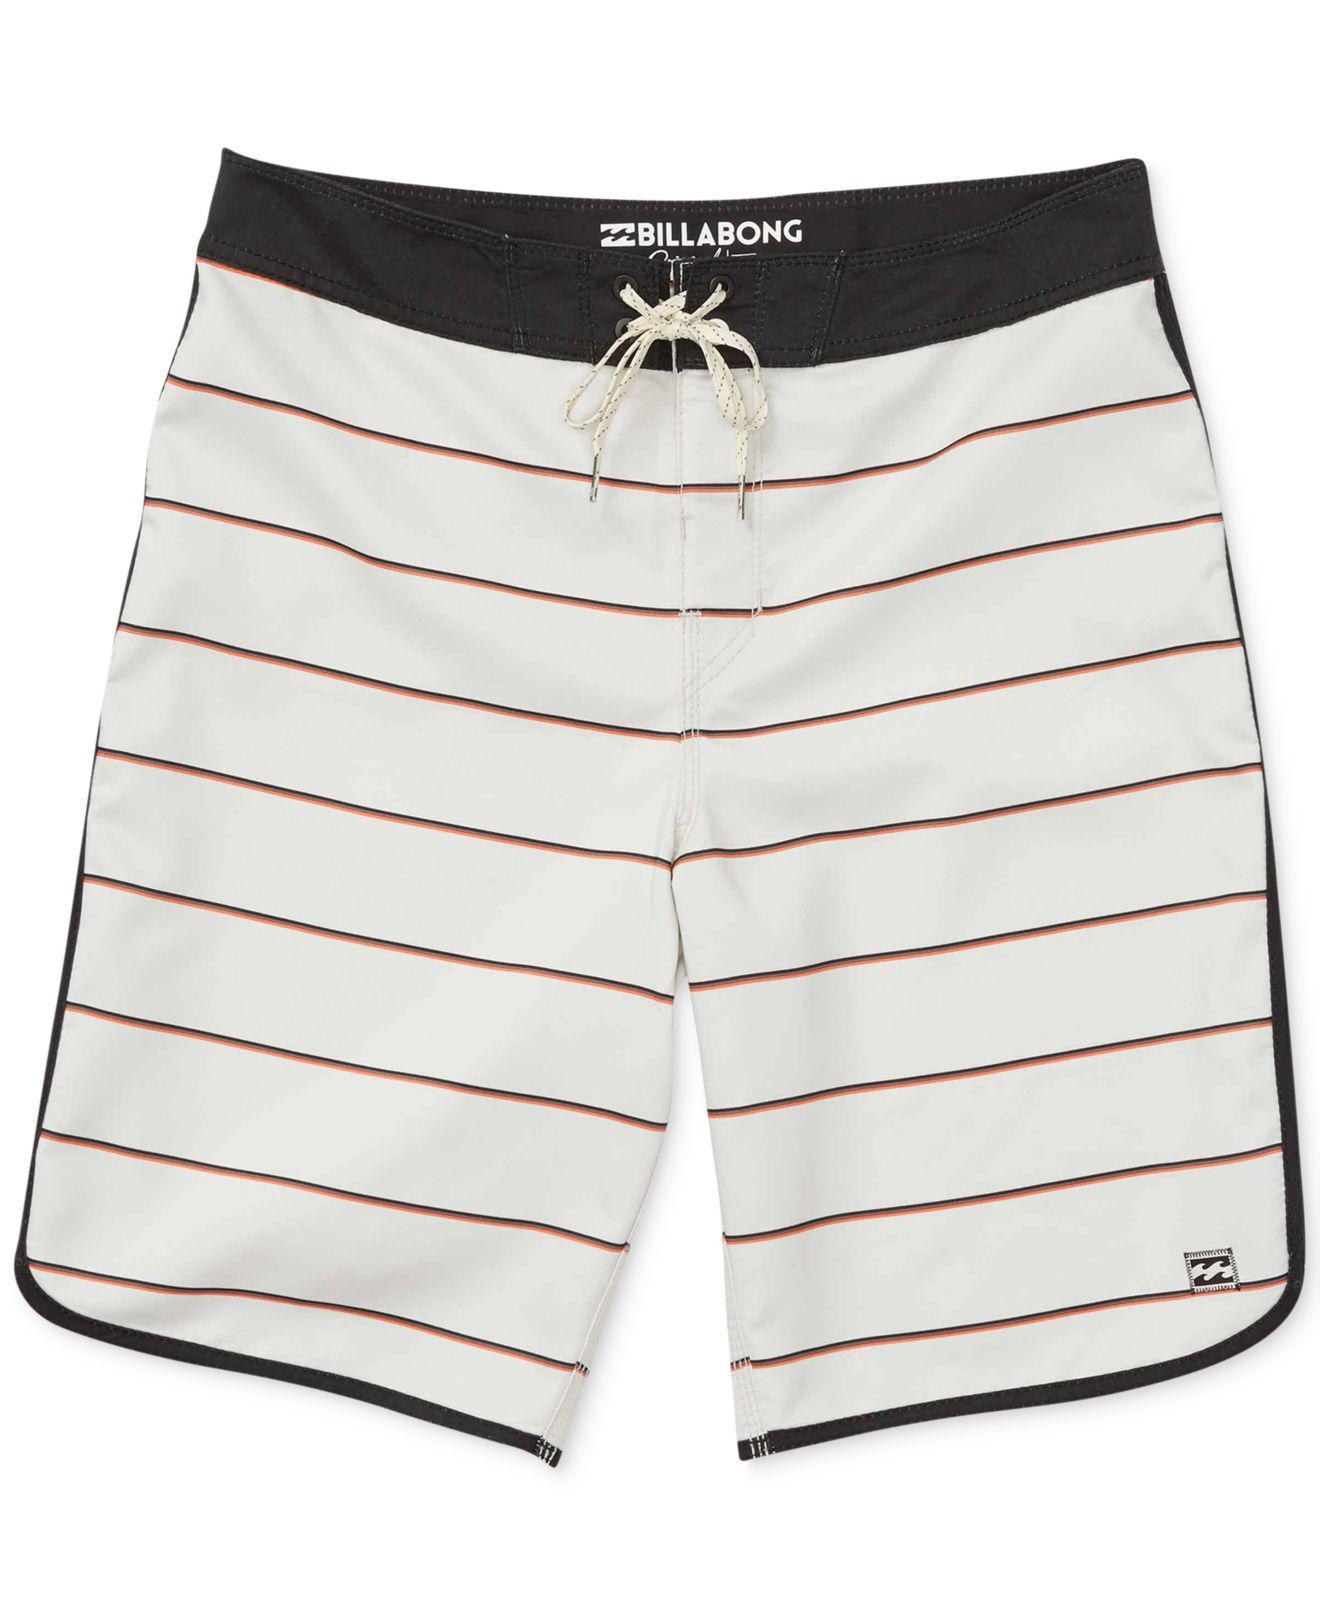 6c3af13e0c Lyst - Billabong Men's 73 Og Stripe Swim Trunks in White for Men